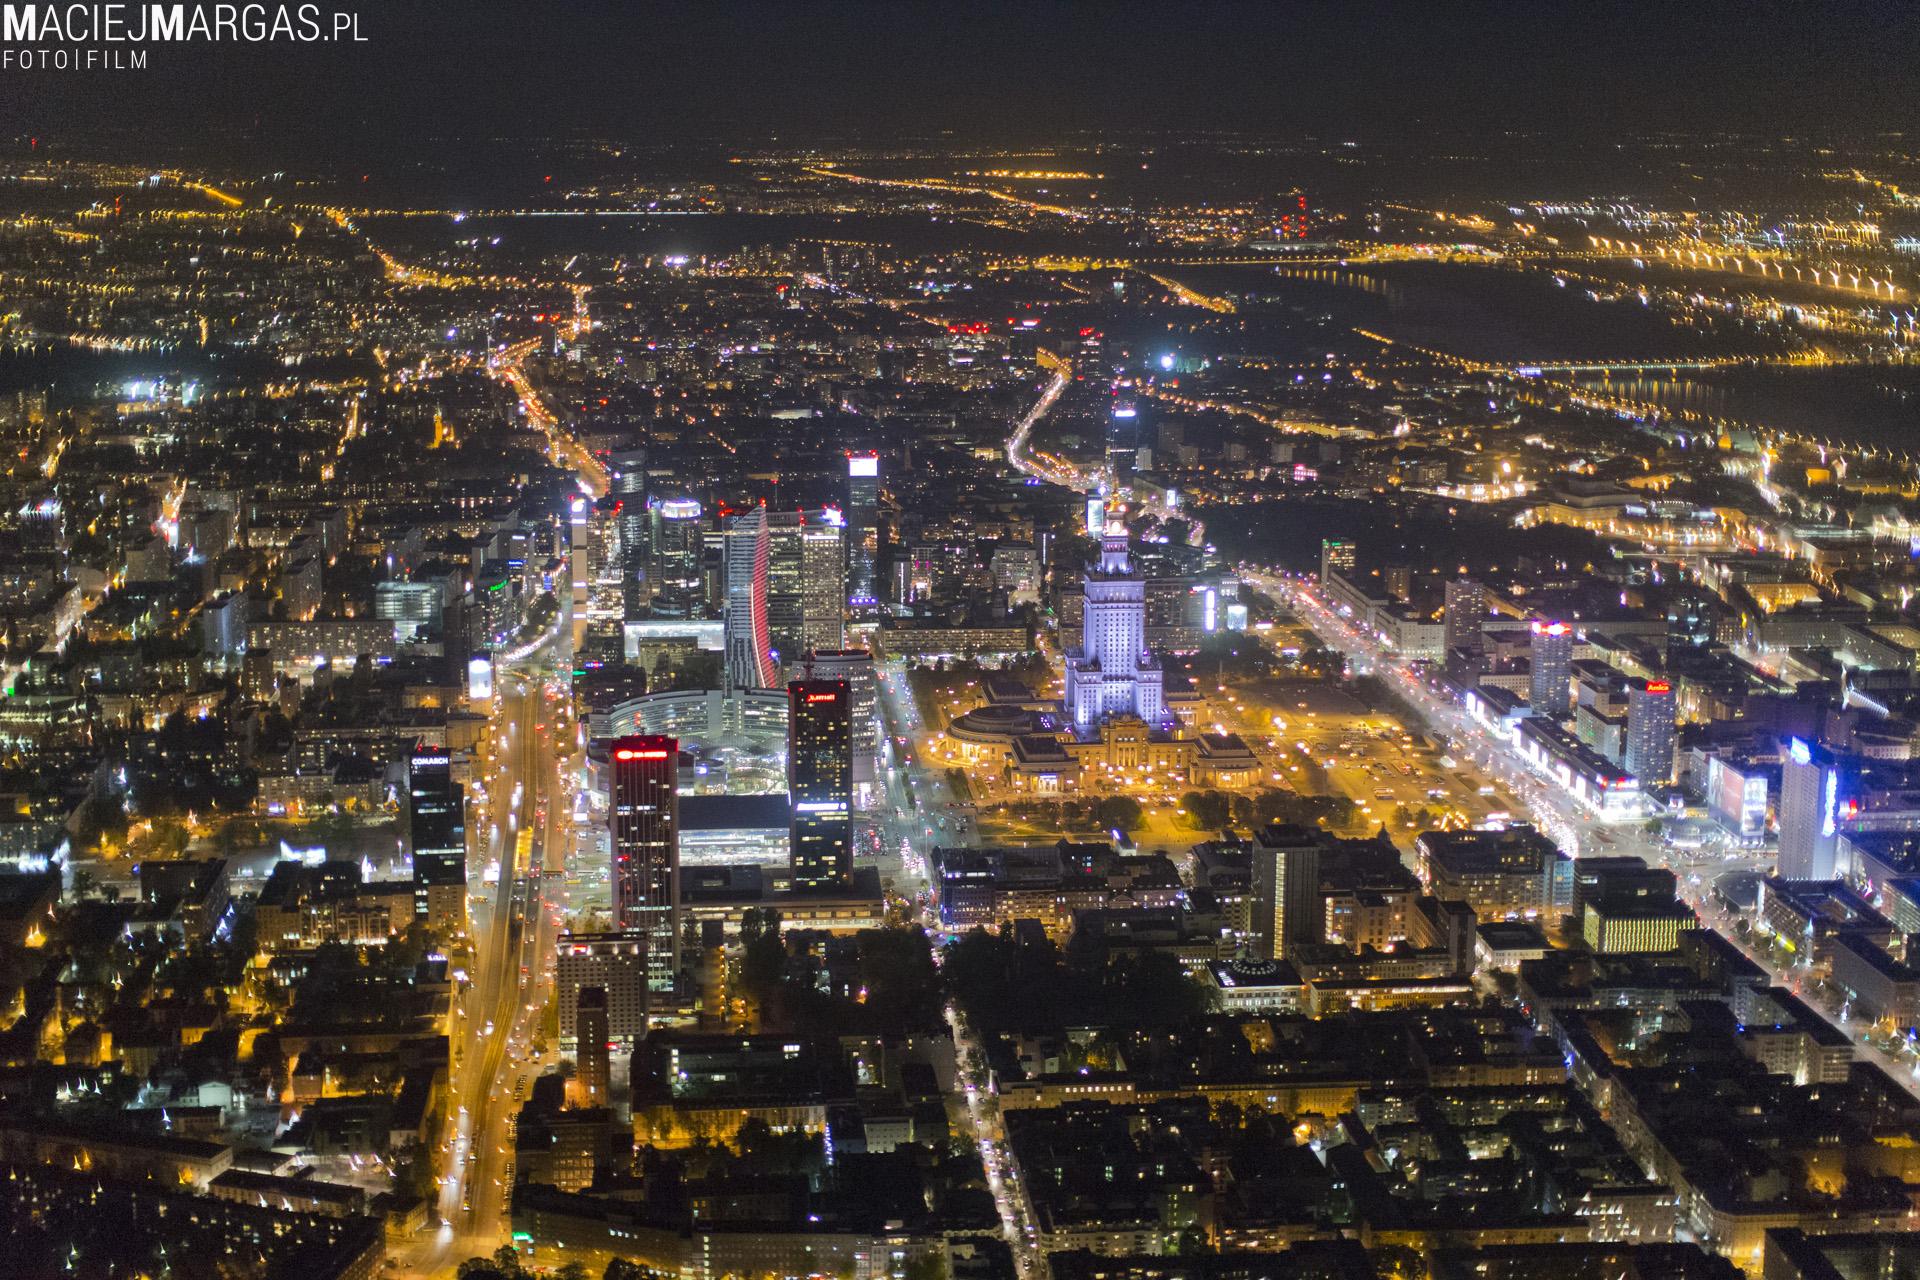 Warszawa Z Lotu Ptaka Magazyn Hiro